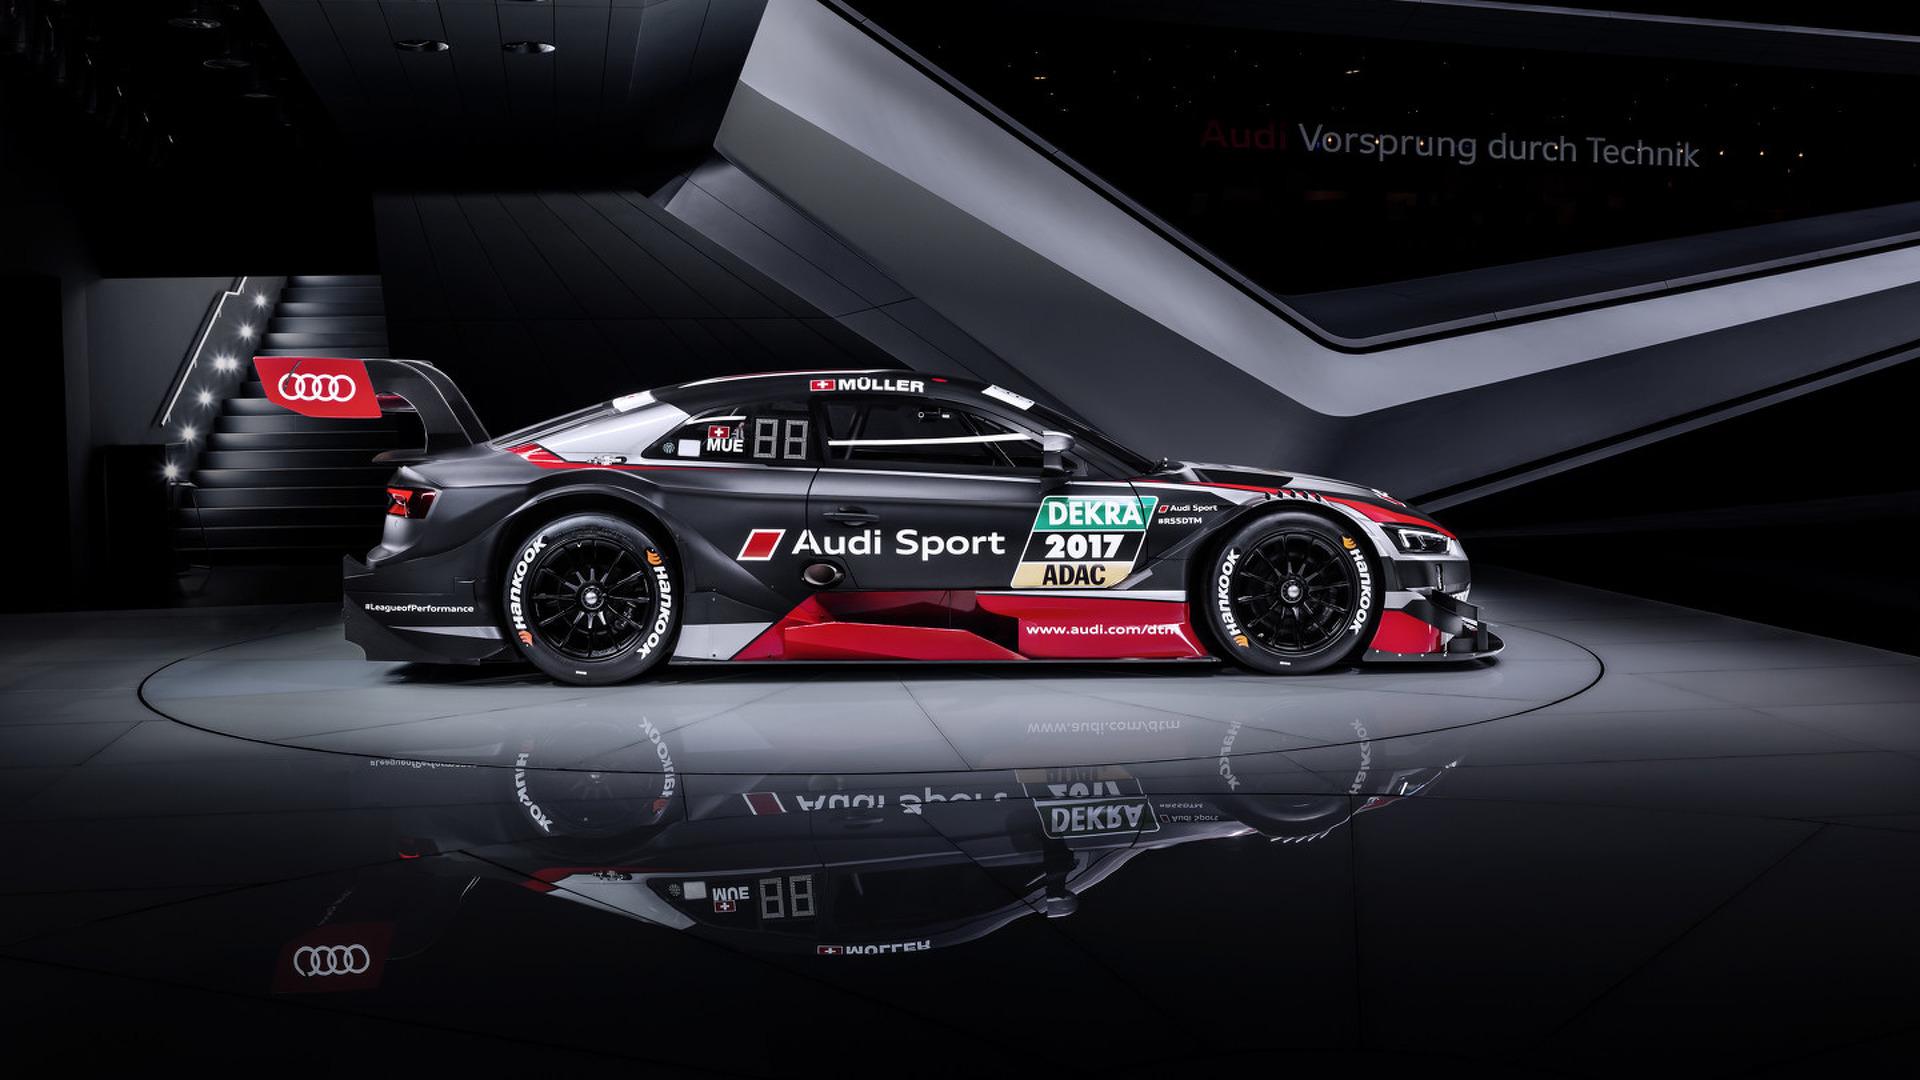 Audi rs5 coupe quattro 2017 15